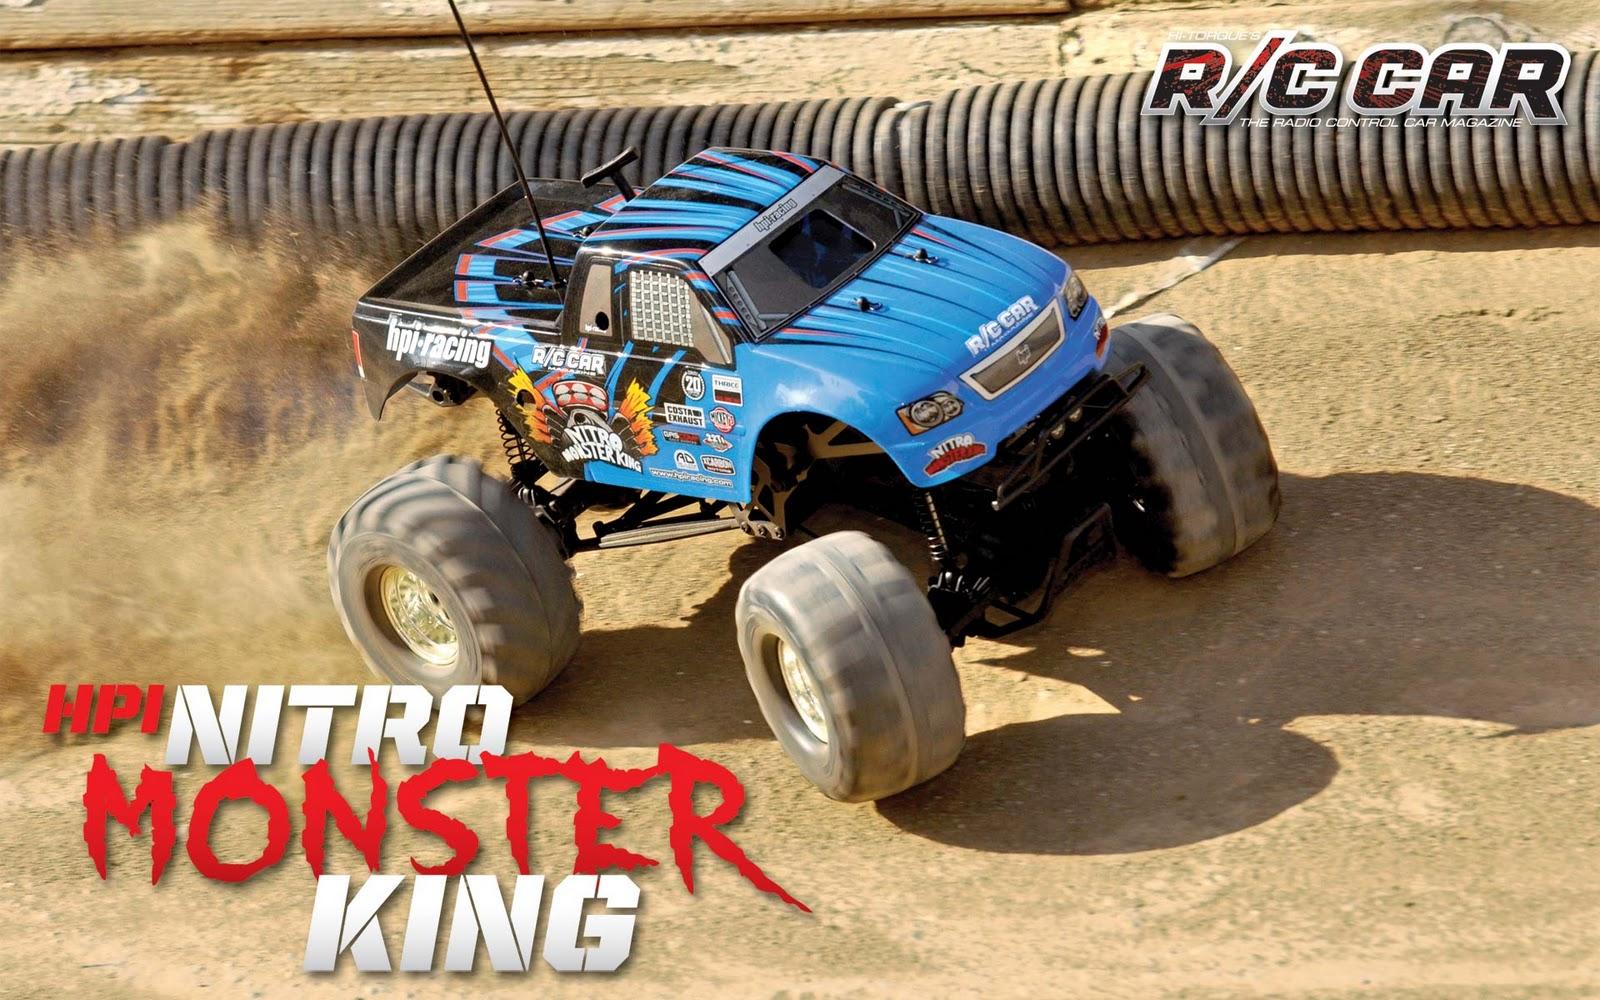 http://2.bp.blogspot.com/__ZTYagFP2f8/TR9anSaEoYI/AAAAAAAAAoQ/cfi0cda2hgk/s1600/HPI+NITRO+MONSTER+KING+RC+CAR.jpg